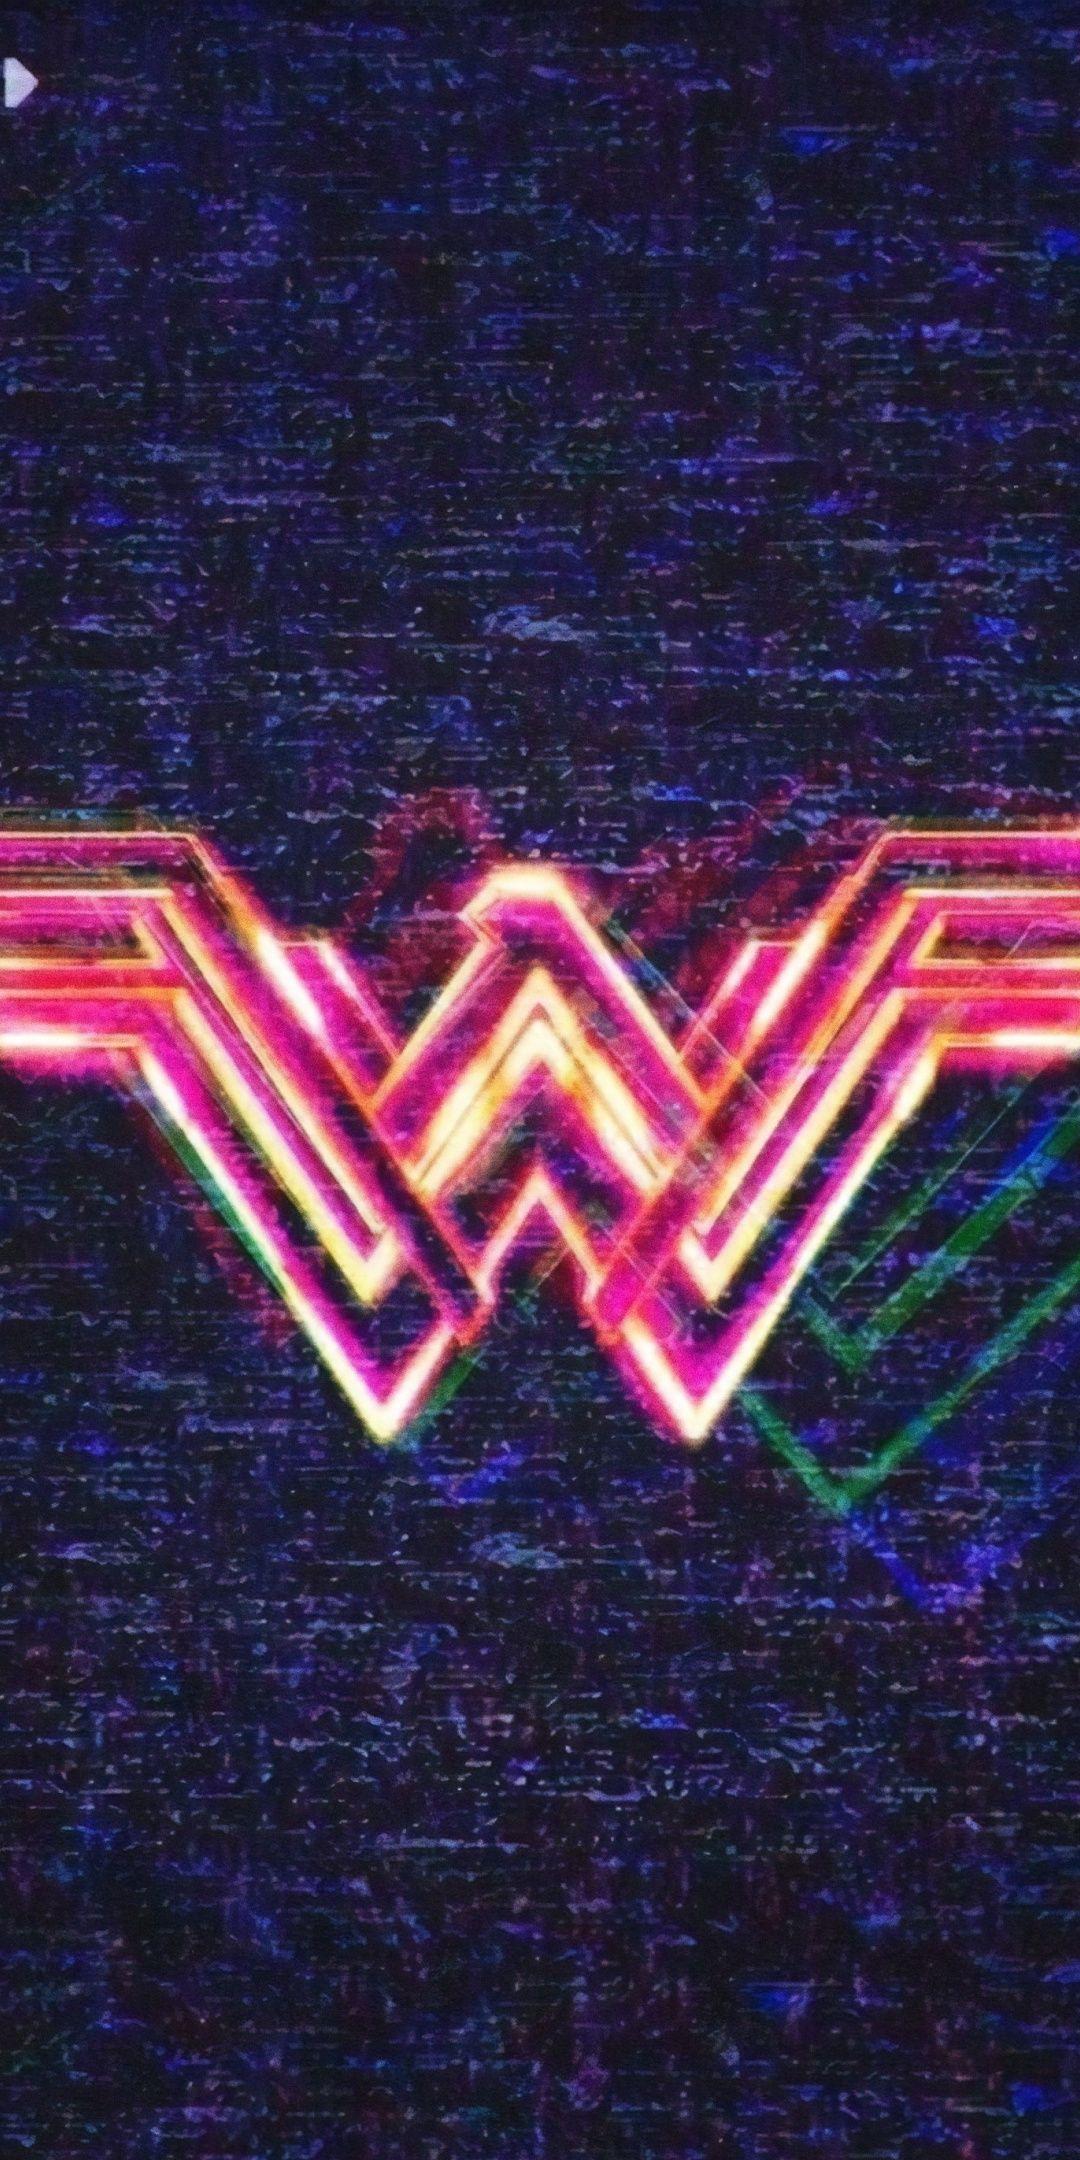 1080x2160 Wonder Woman 1984 movie logo poster wallpaper 1080x2160